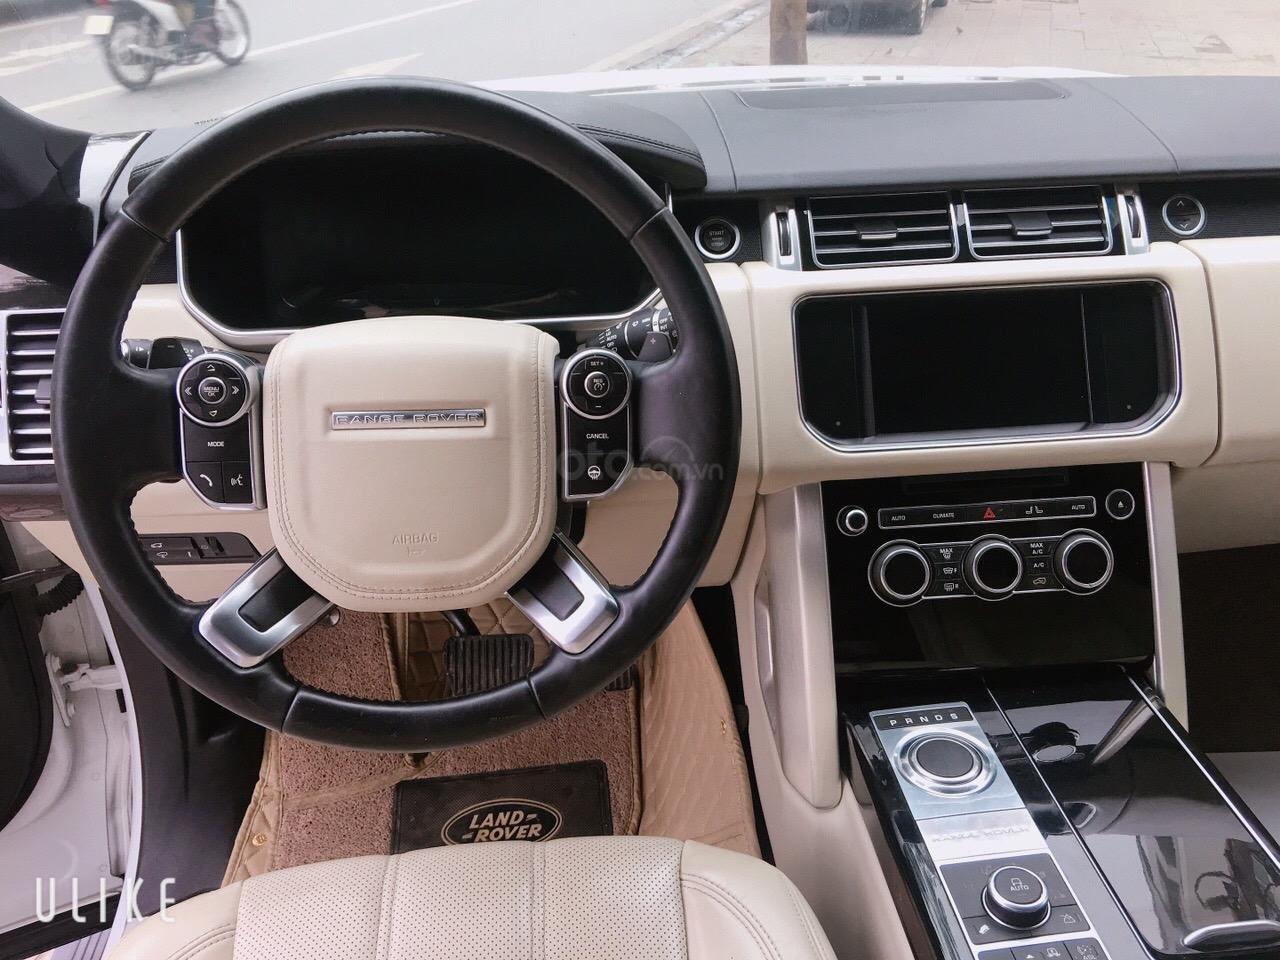 Cần bán xe LandRover Range Rover HSE đời 2014, màu trắng, nhập khẩu nguyên chiếc-6